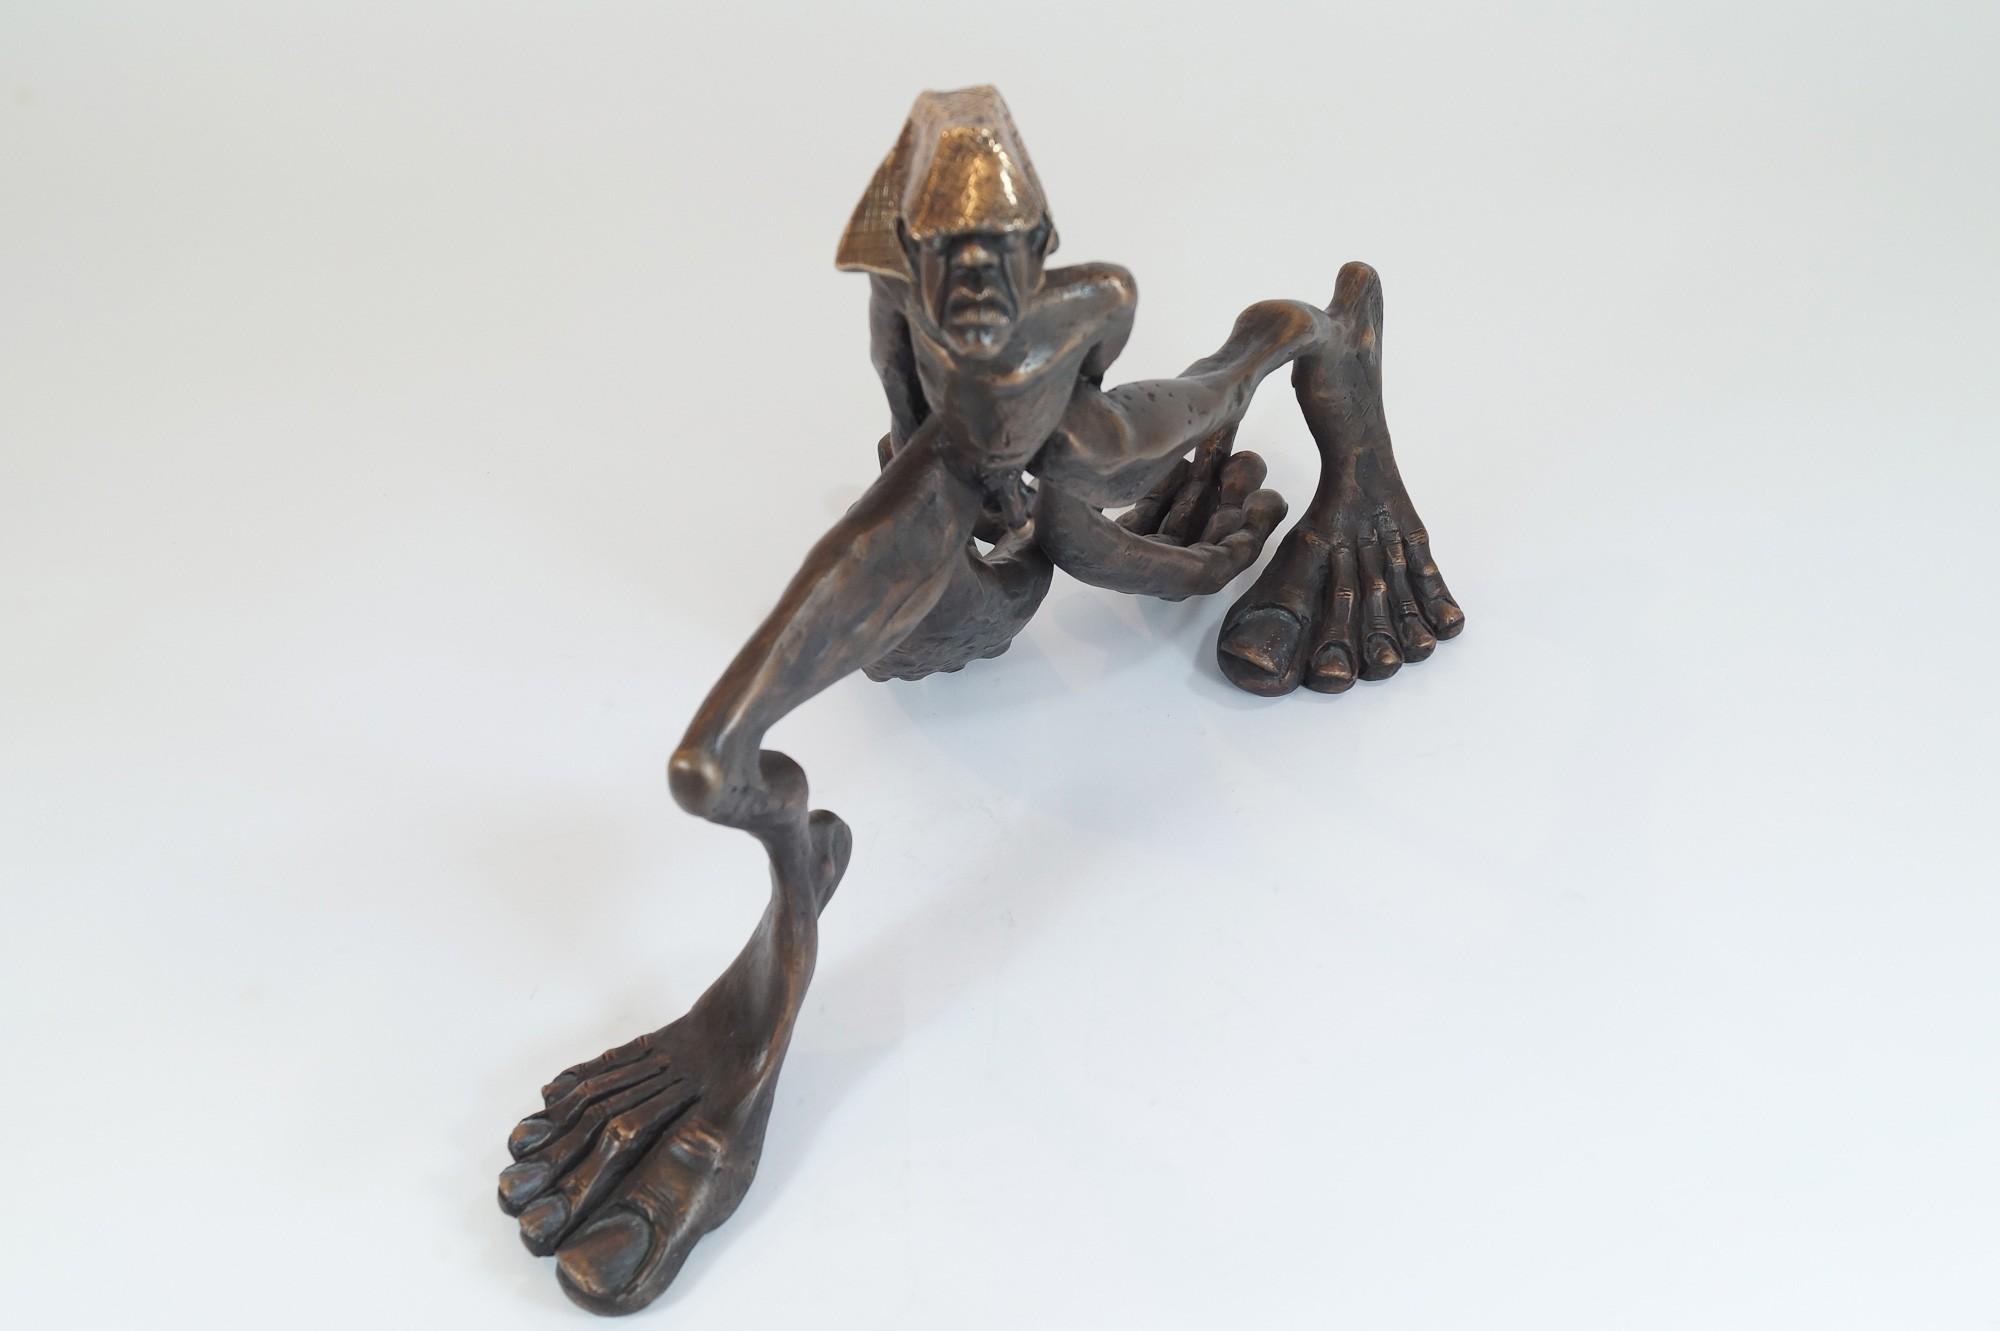 Zeitschläger - von oben, Bronze Plastik, Skulptur von Tim David Trillsam, Edition